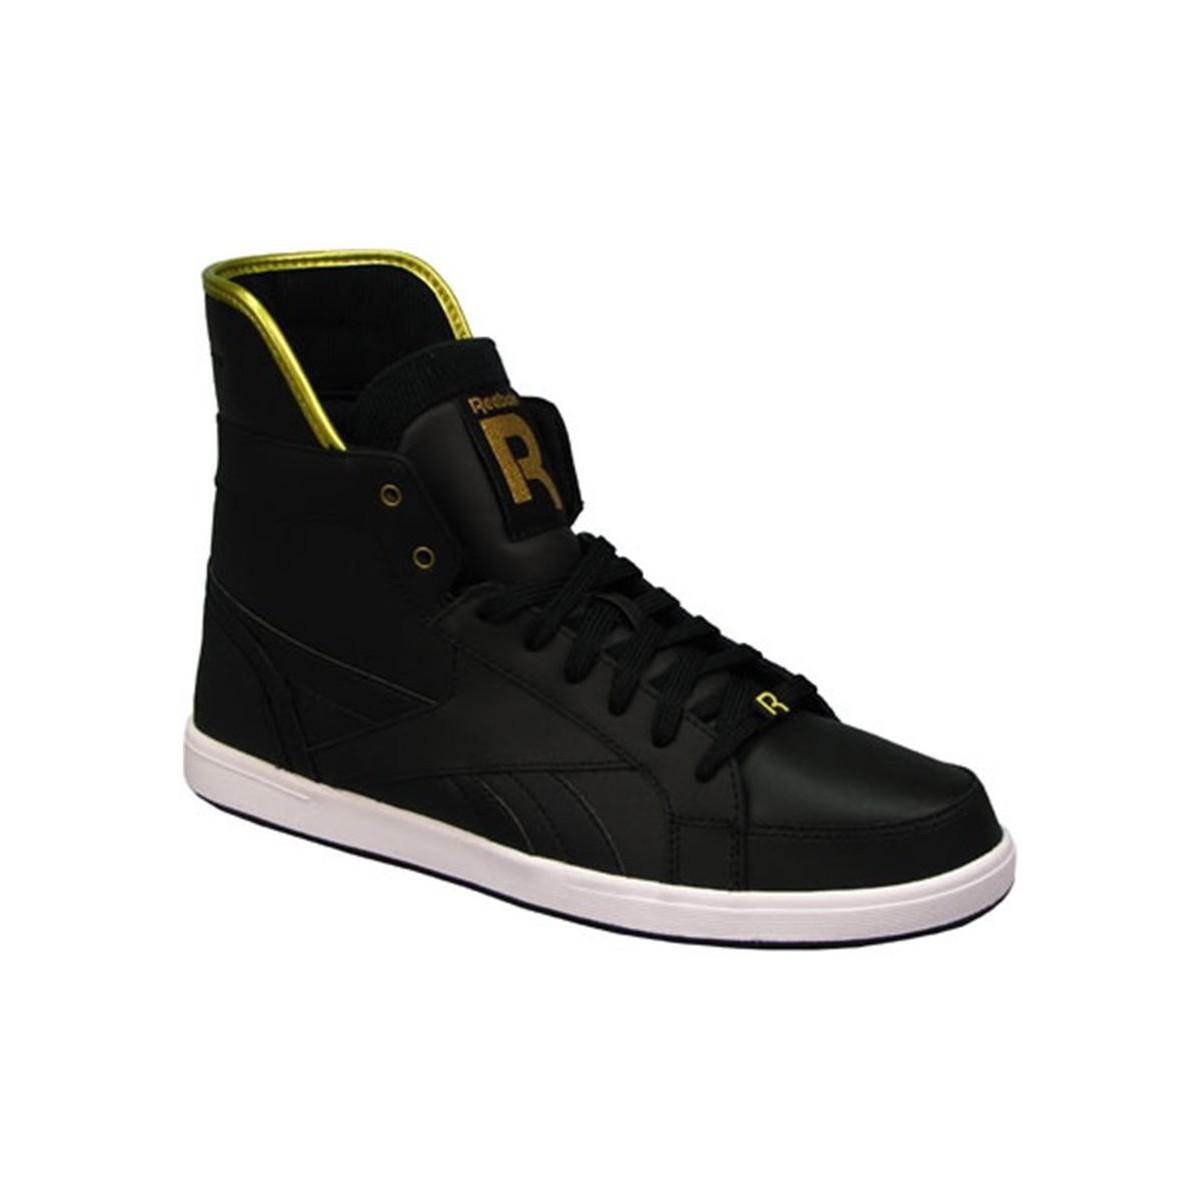 0d36470262 Reebok Sl Flip Men's Shoes (high-top Trainers) In Gold in Metallic ...